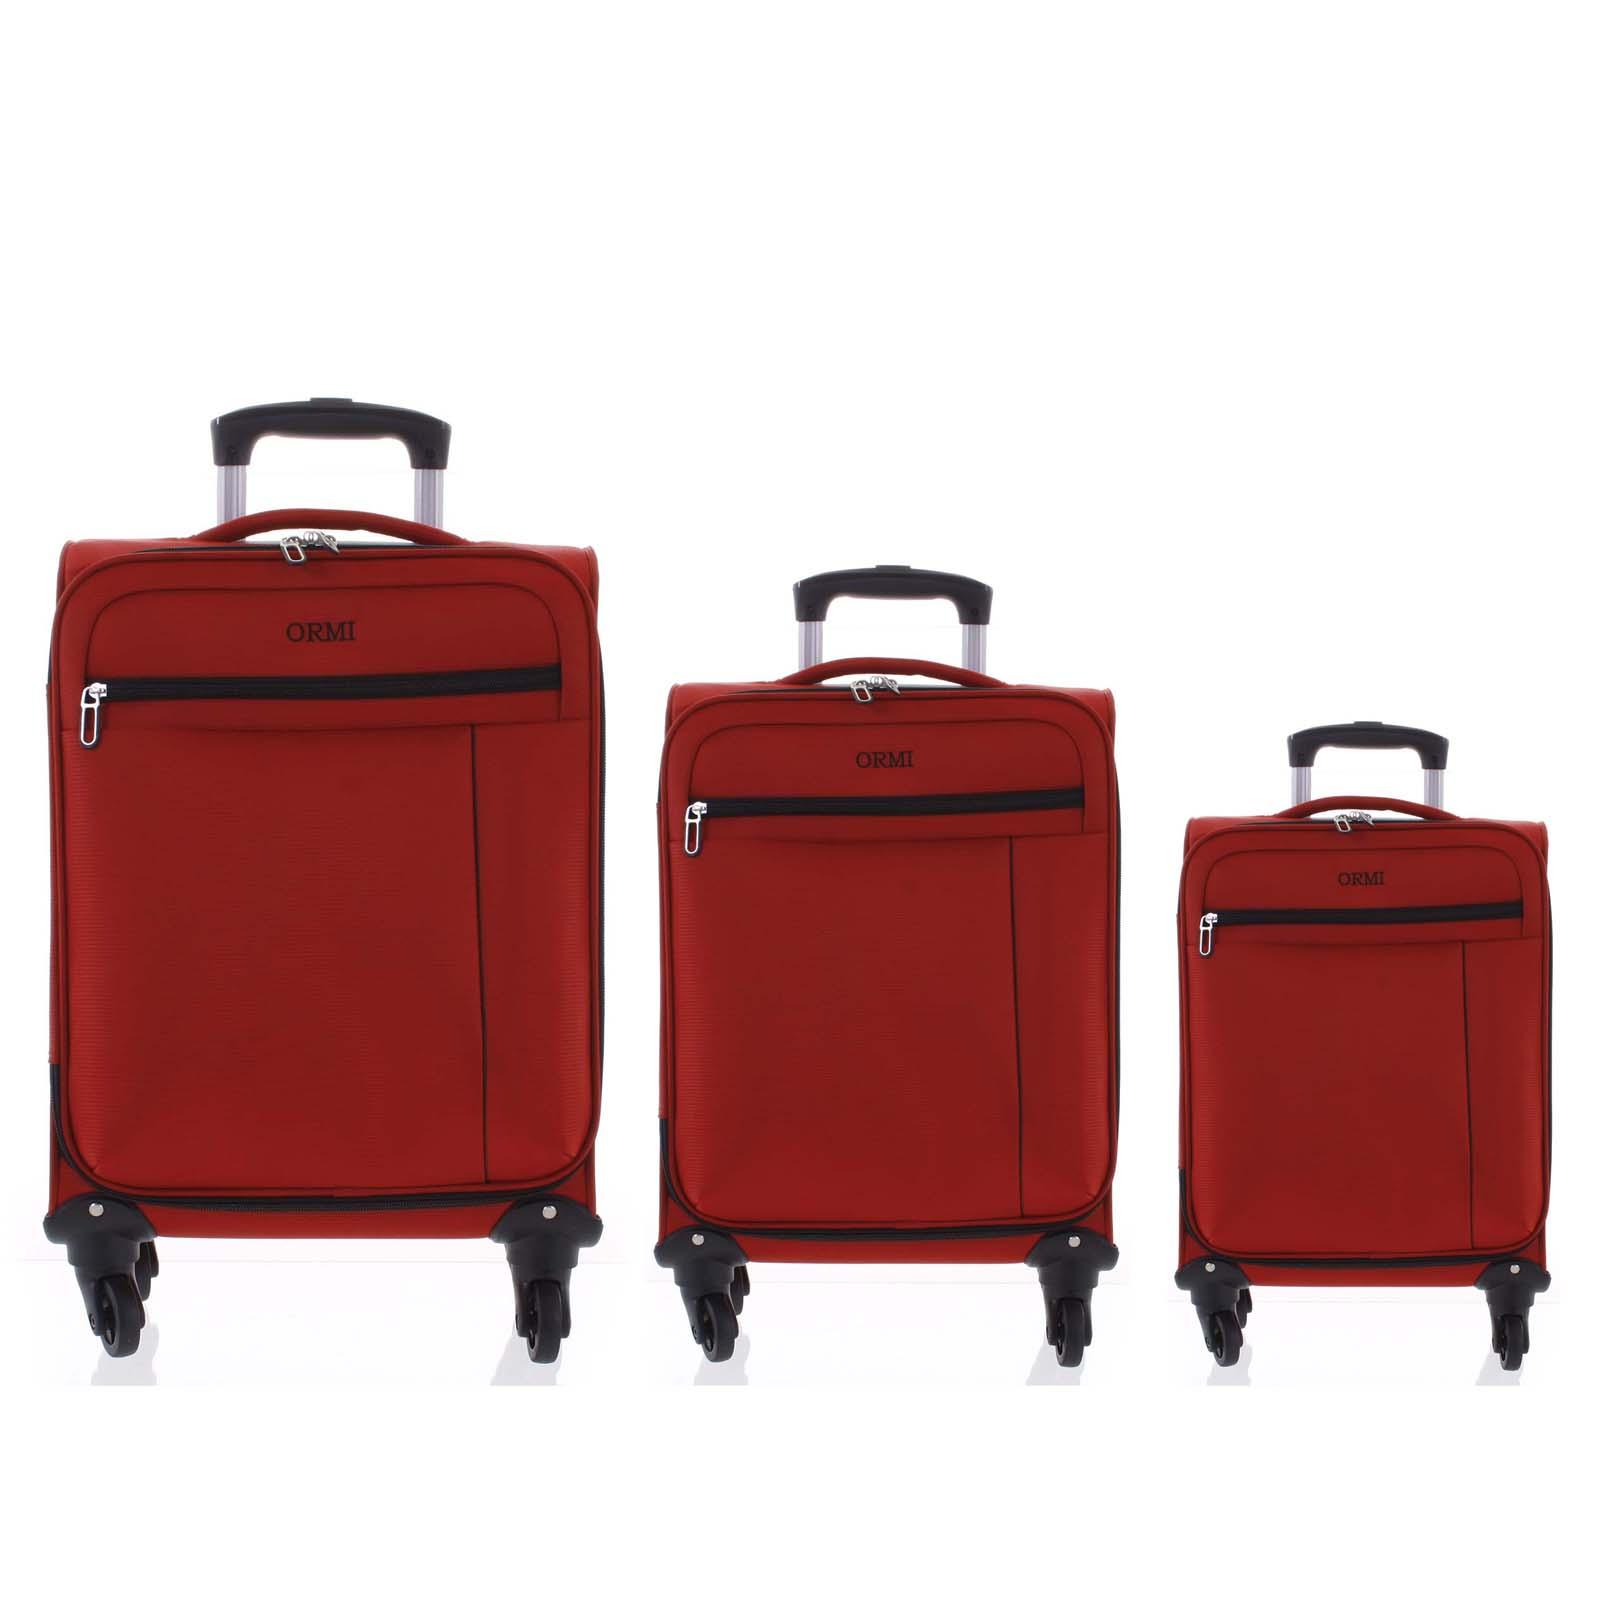 Kvalitný elegantný látkový červený cestovný kufor sada - Ormi Mada L, M, S